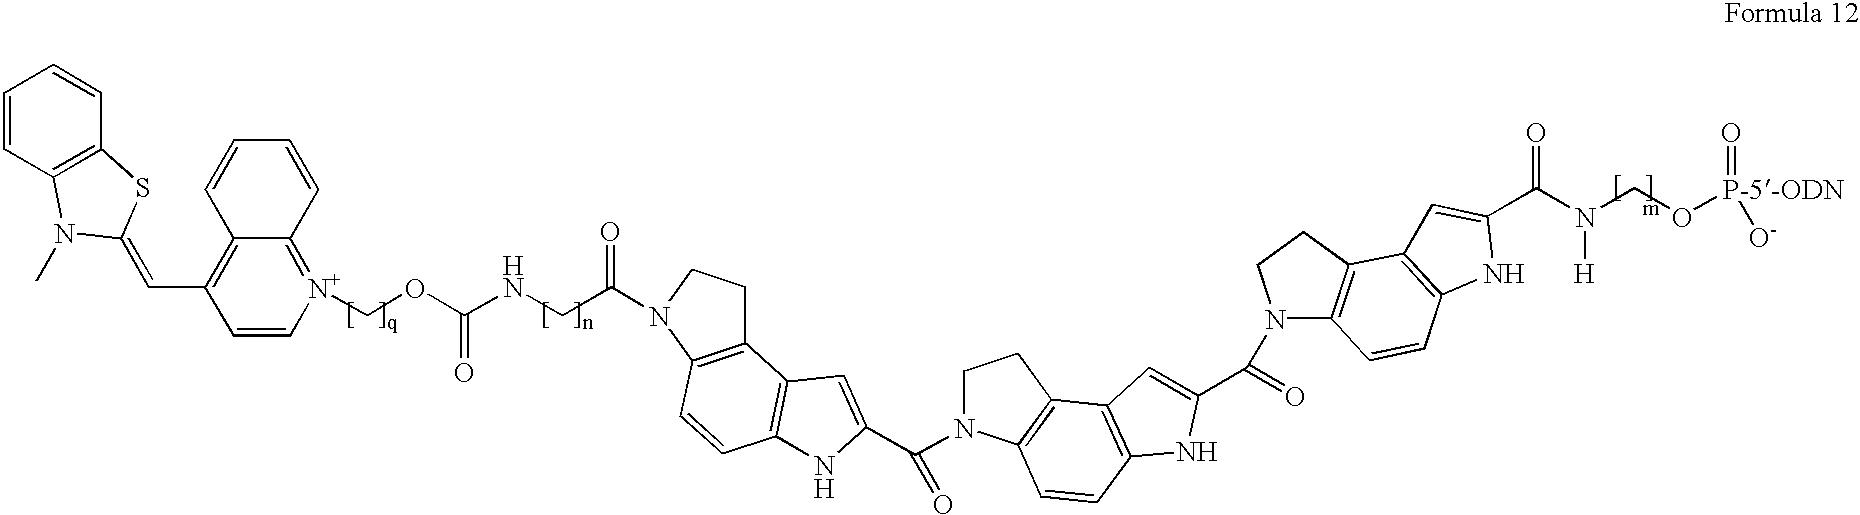 Figure US06472153-20021029-C00026